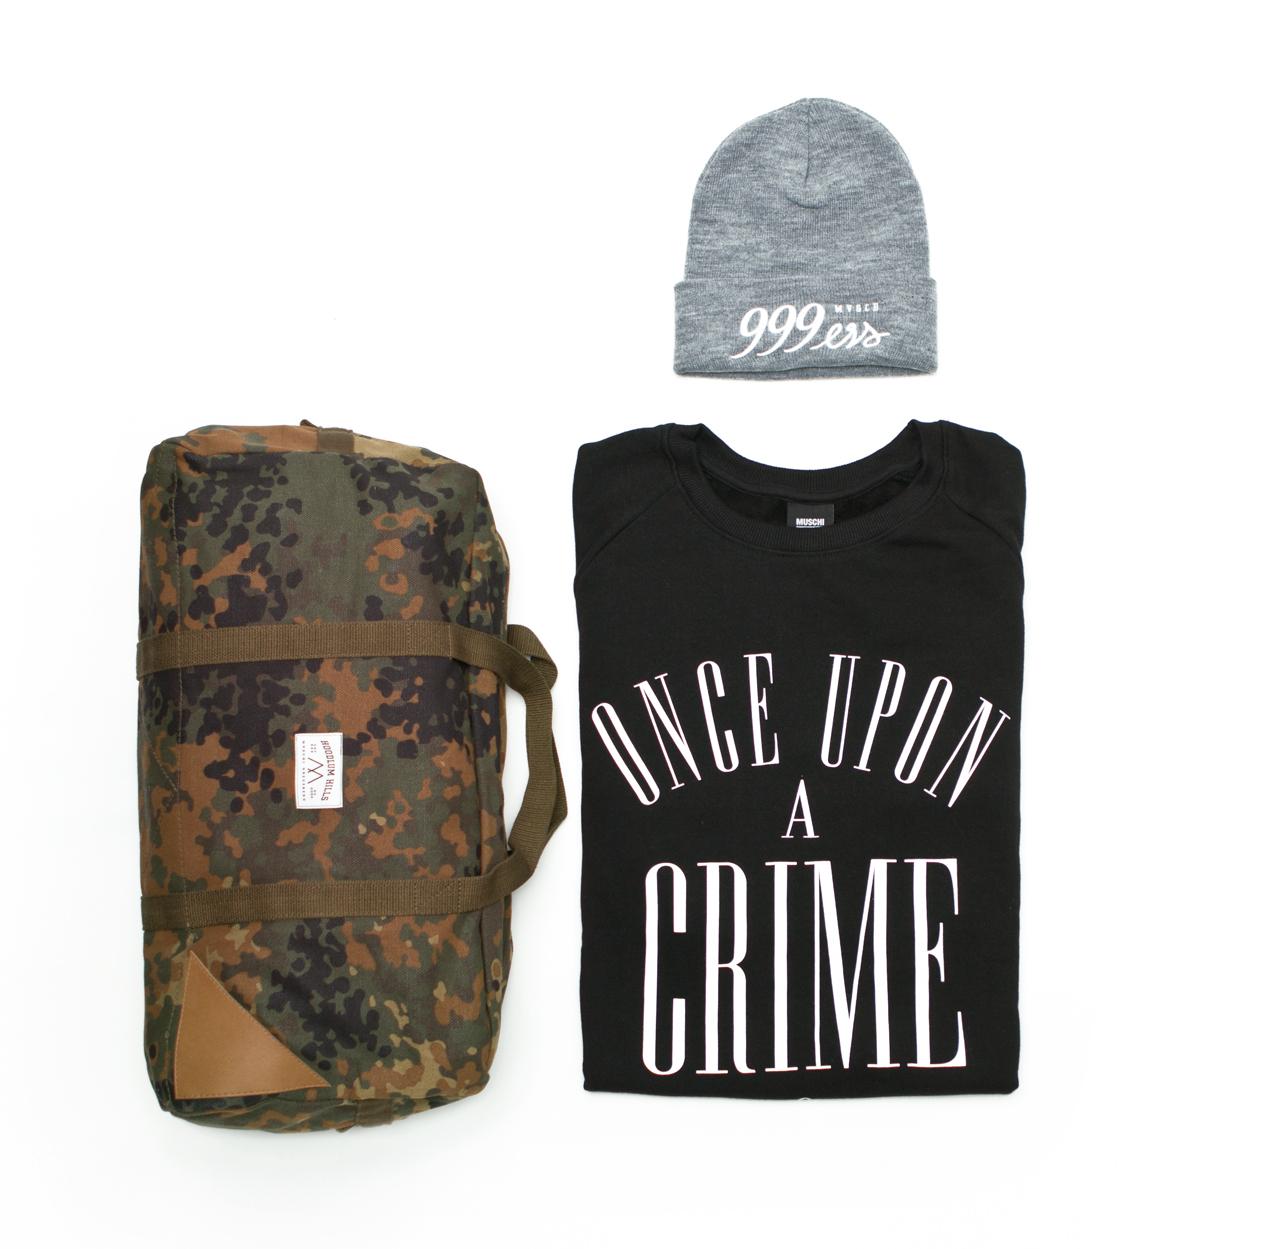 _Kombishot_ArmourflageBag_dark_999ersTHughugger_grau_CrimeSweater